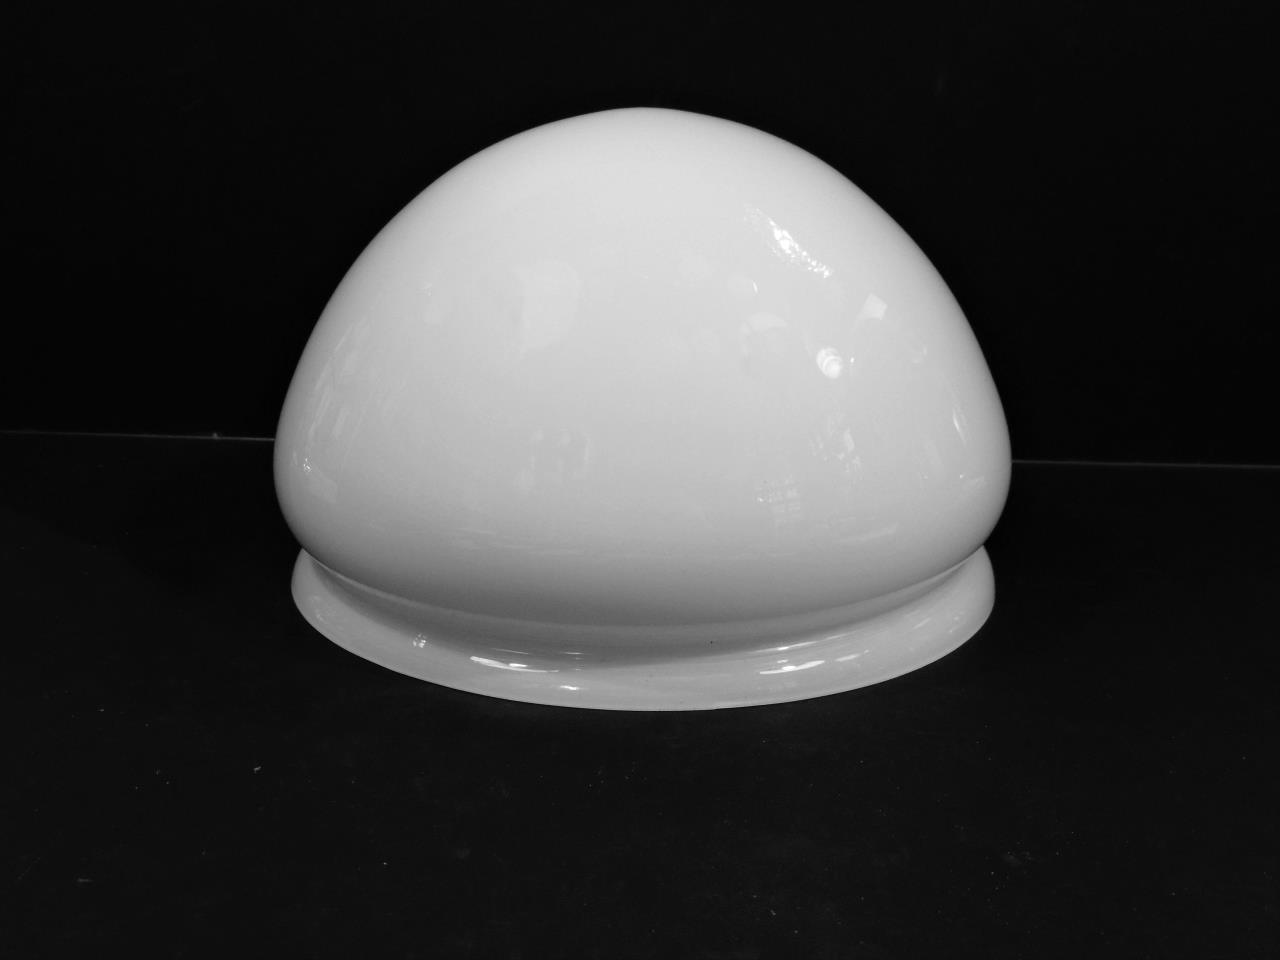 Ricambi Plafoniere Vetro : Vetri di ricambio per lampadari: vetro pigna centrale Ø 24 5 cm